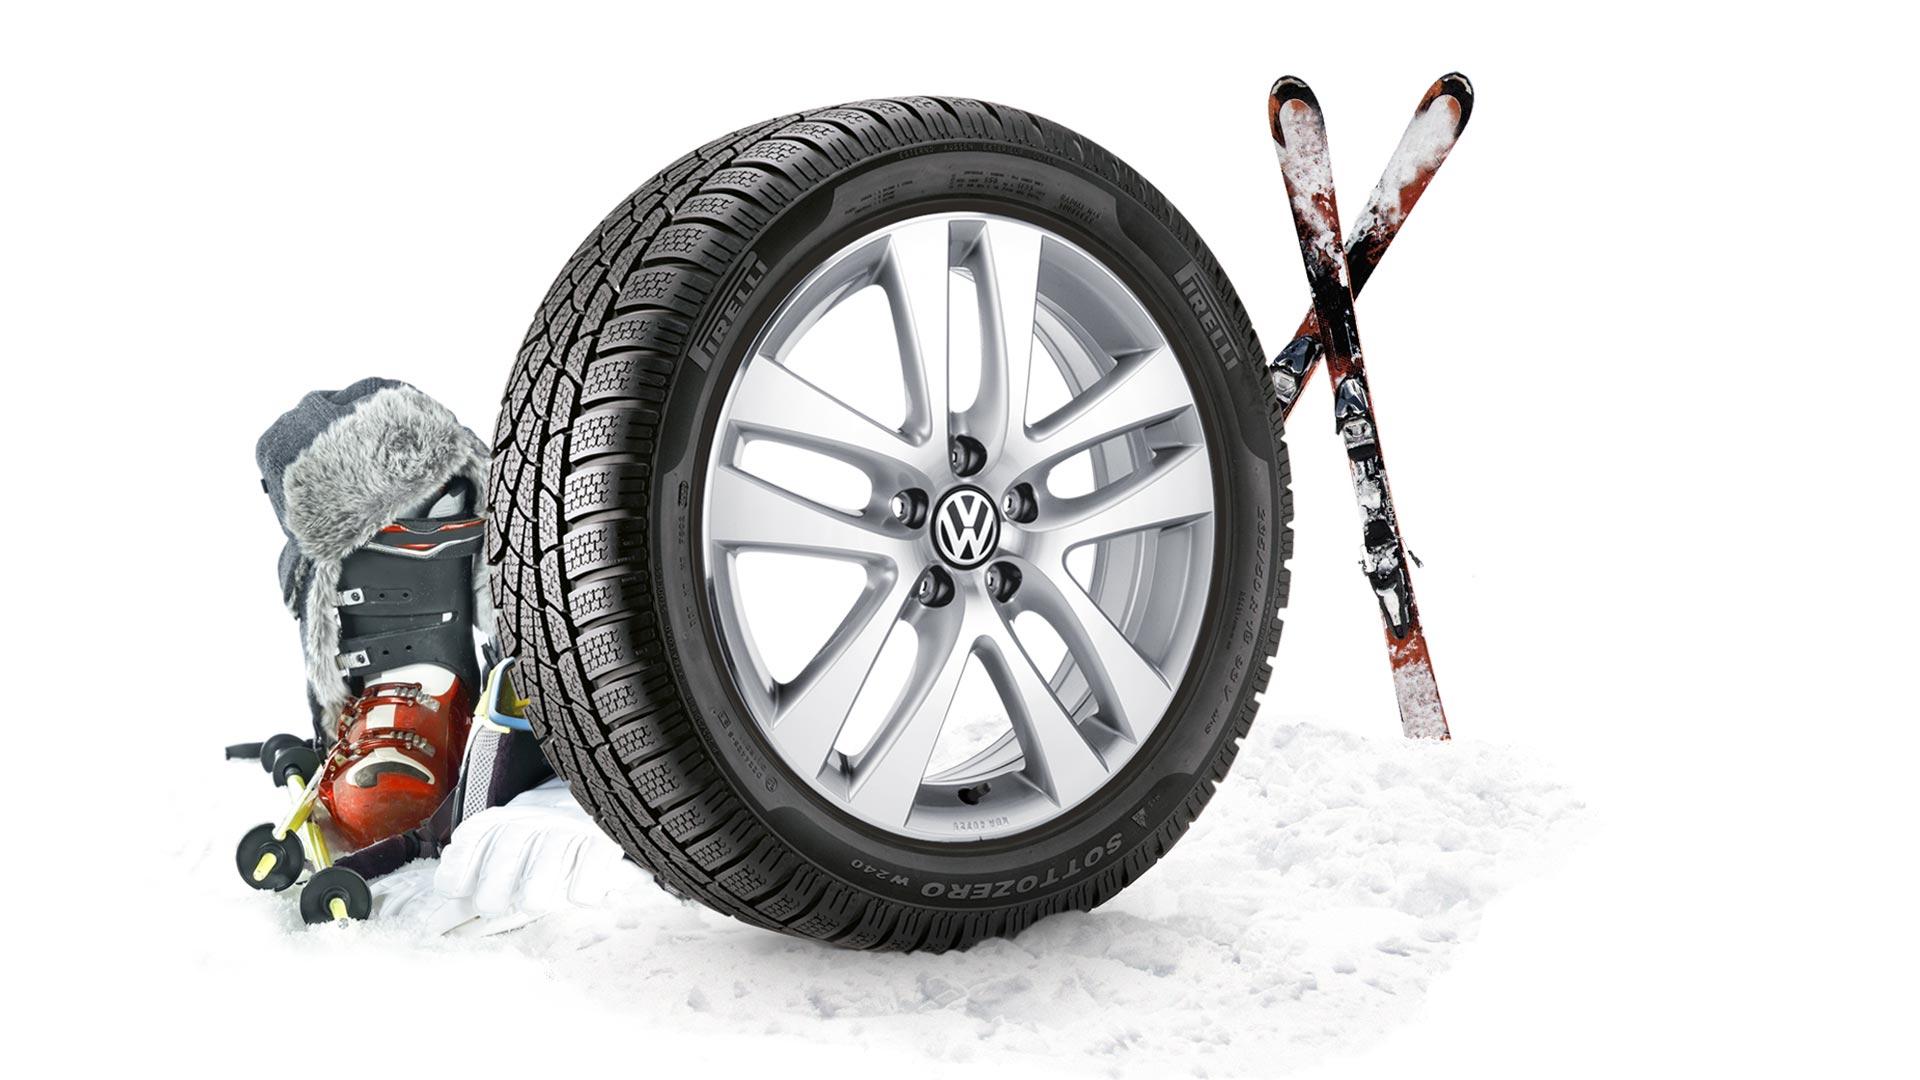 VW vinterdäck